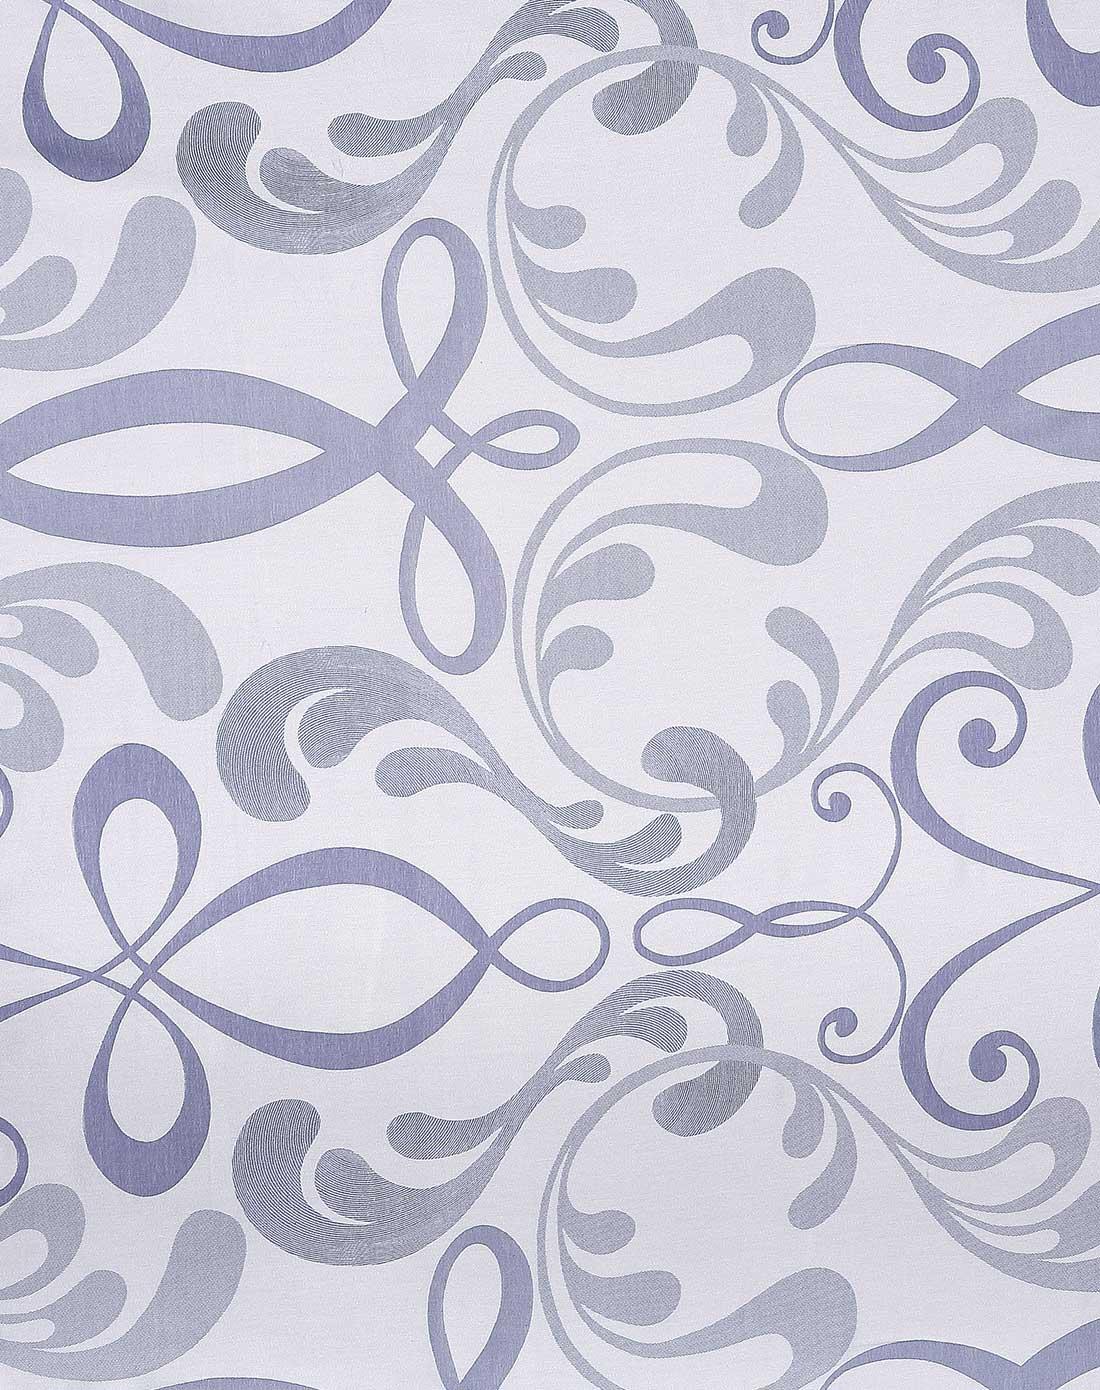 背景 壁纸 设计 矢量 矢量图 素材 1100_1390 竖版 竖屏 手机